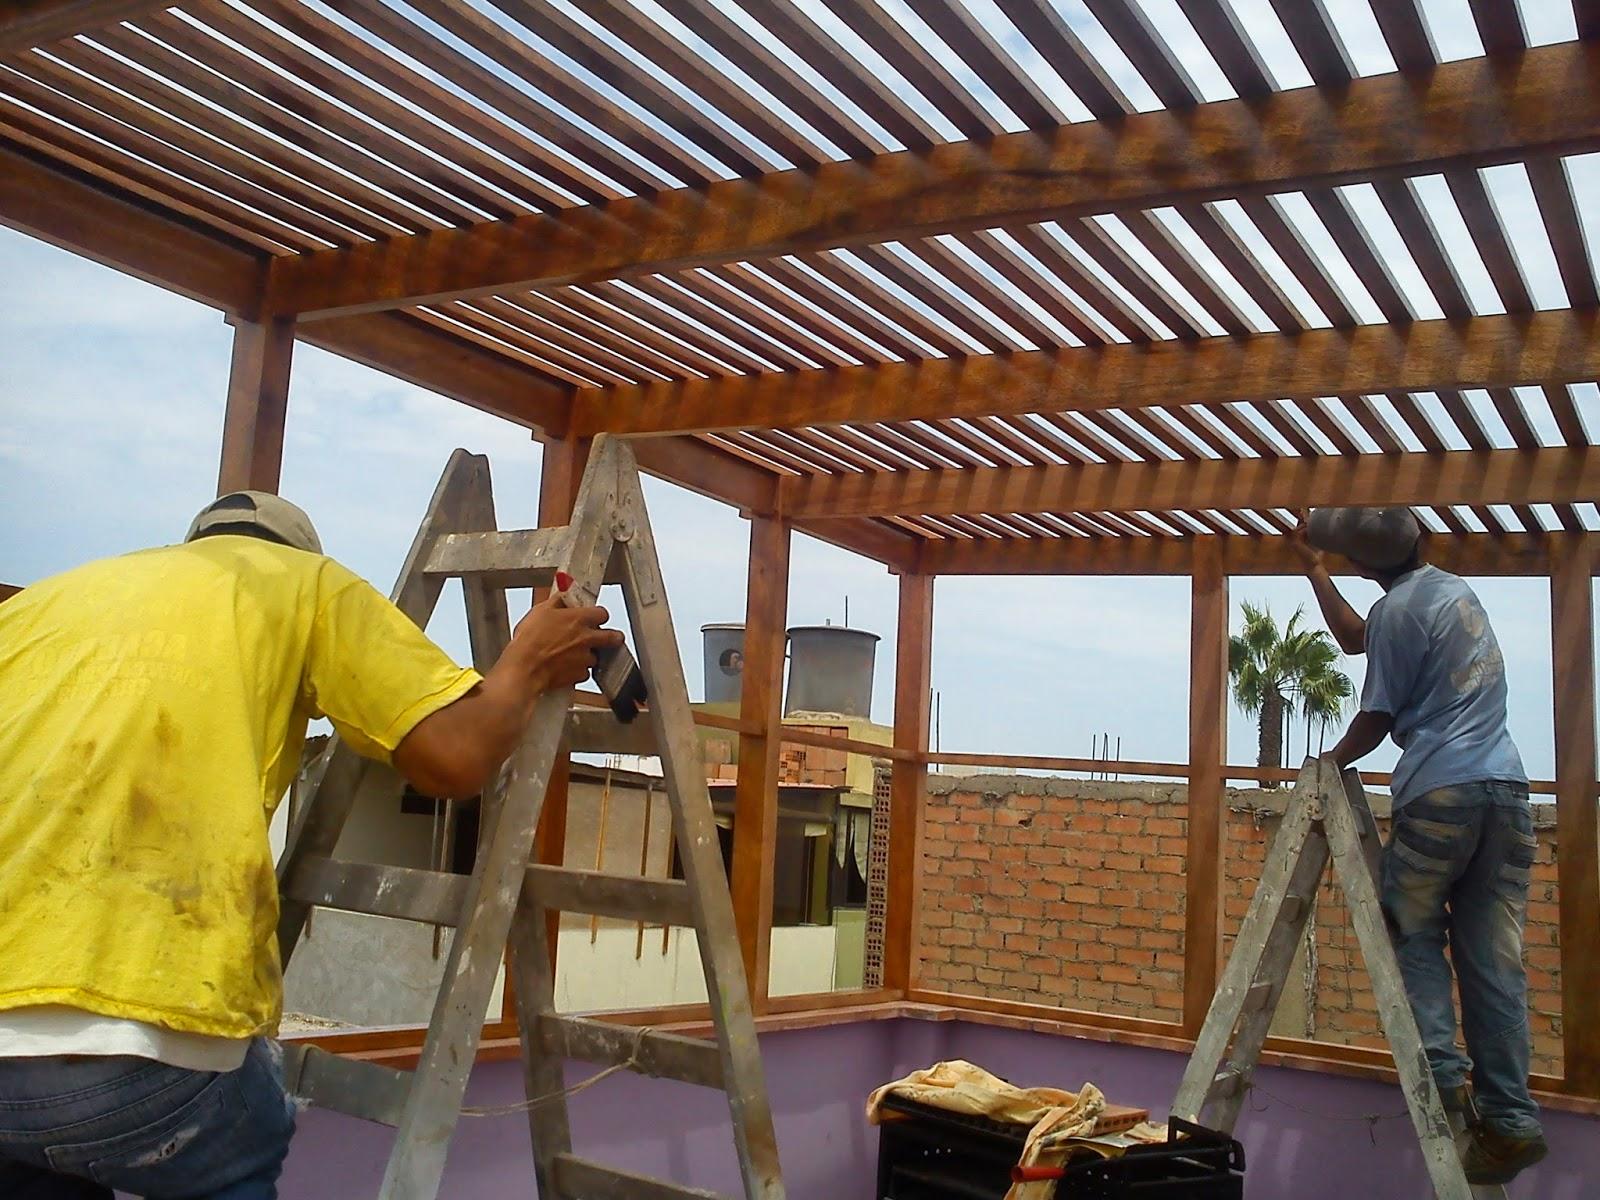 Trabajos en carpinter a general sistema drywall y - Toldos sol y sombra ...